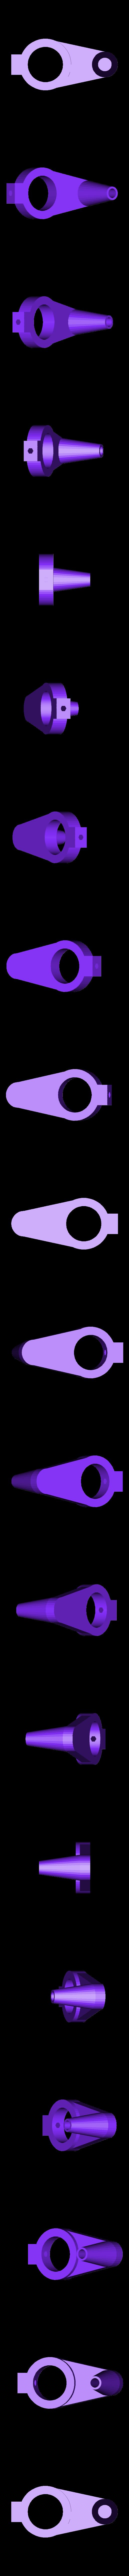 MercuryPlanetArm.stl Télécharger fichier SCAD gratuit Planétarium mécanique • Plan pour impression 3D, Zippityboomba